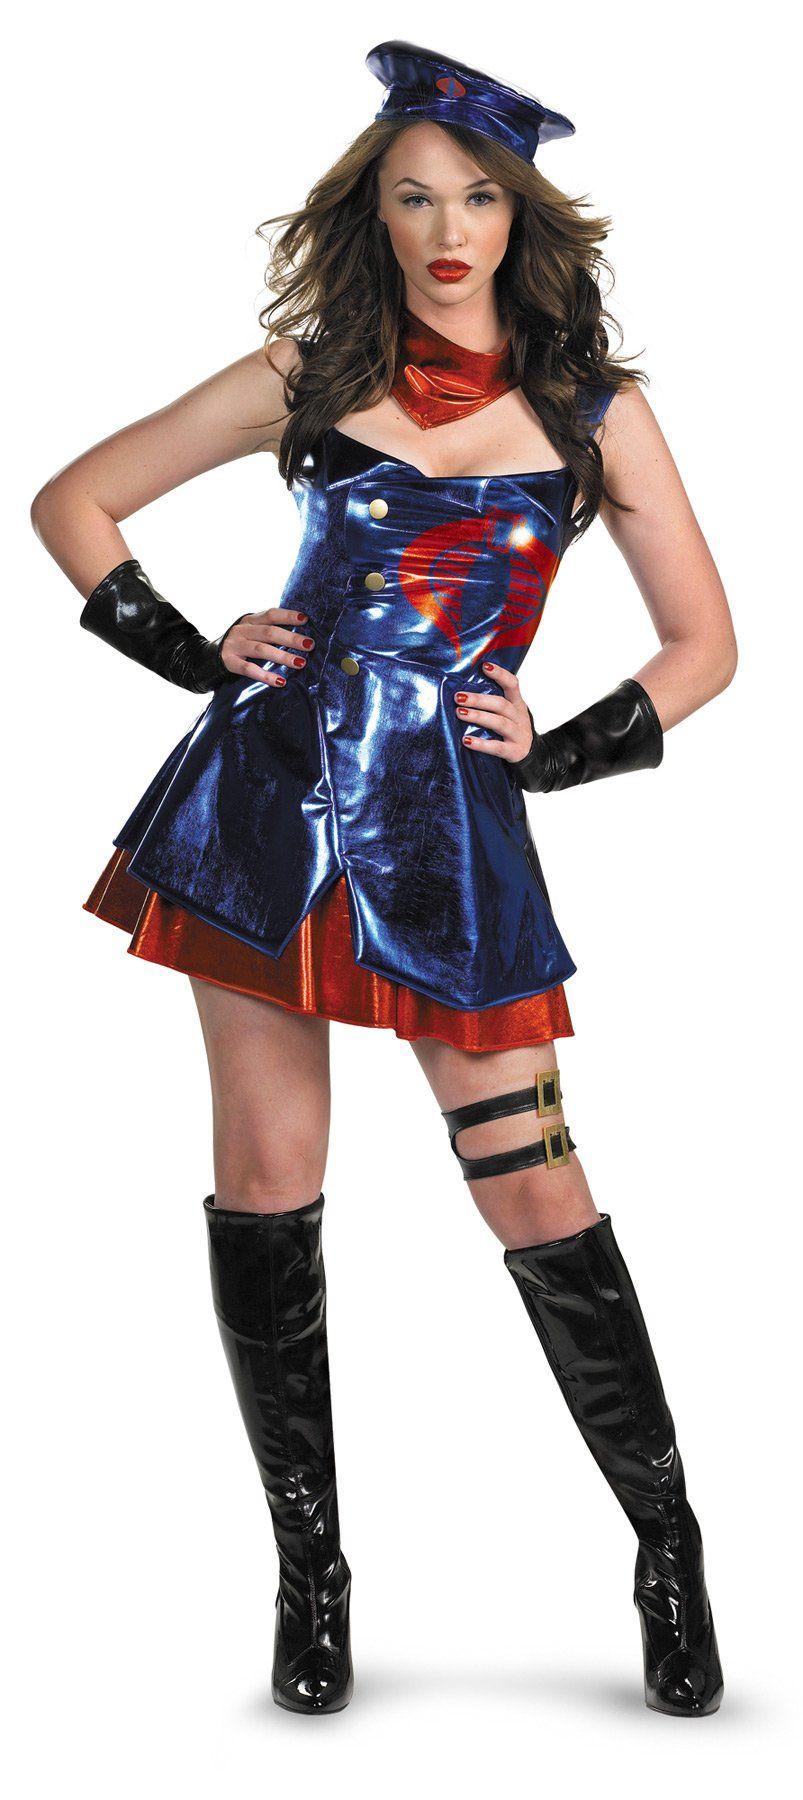 Gi Joe Cobra Adult 810 Costumes for women, Adult